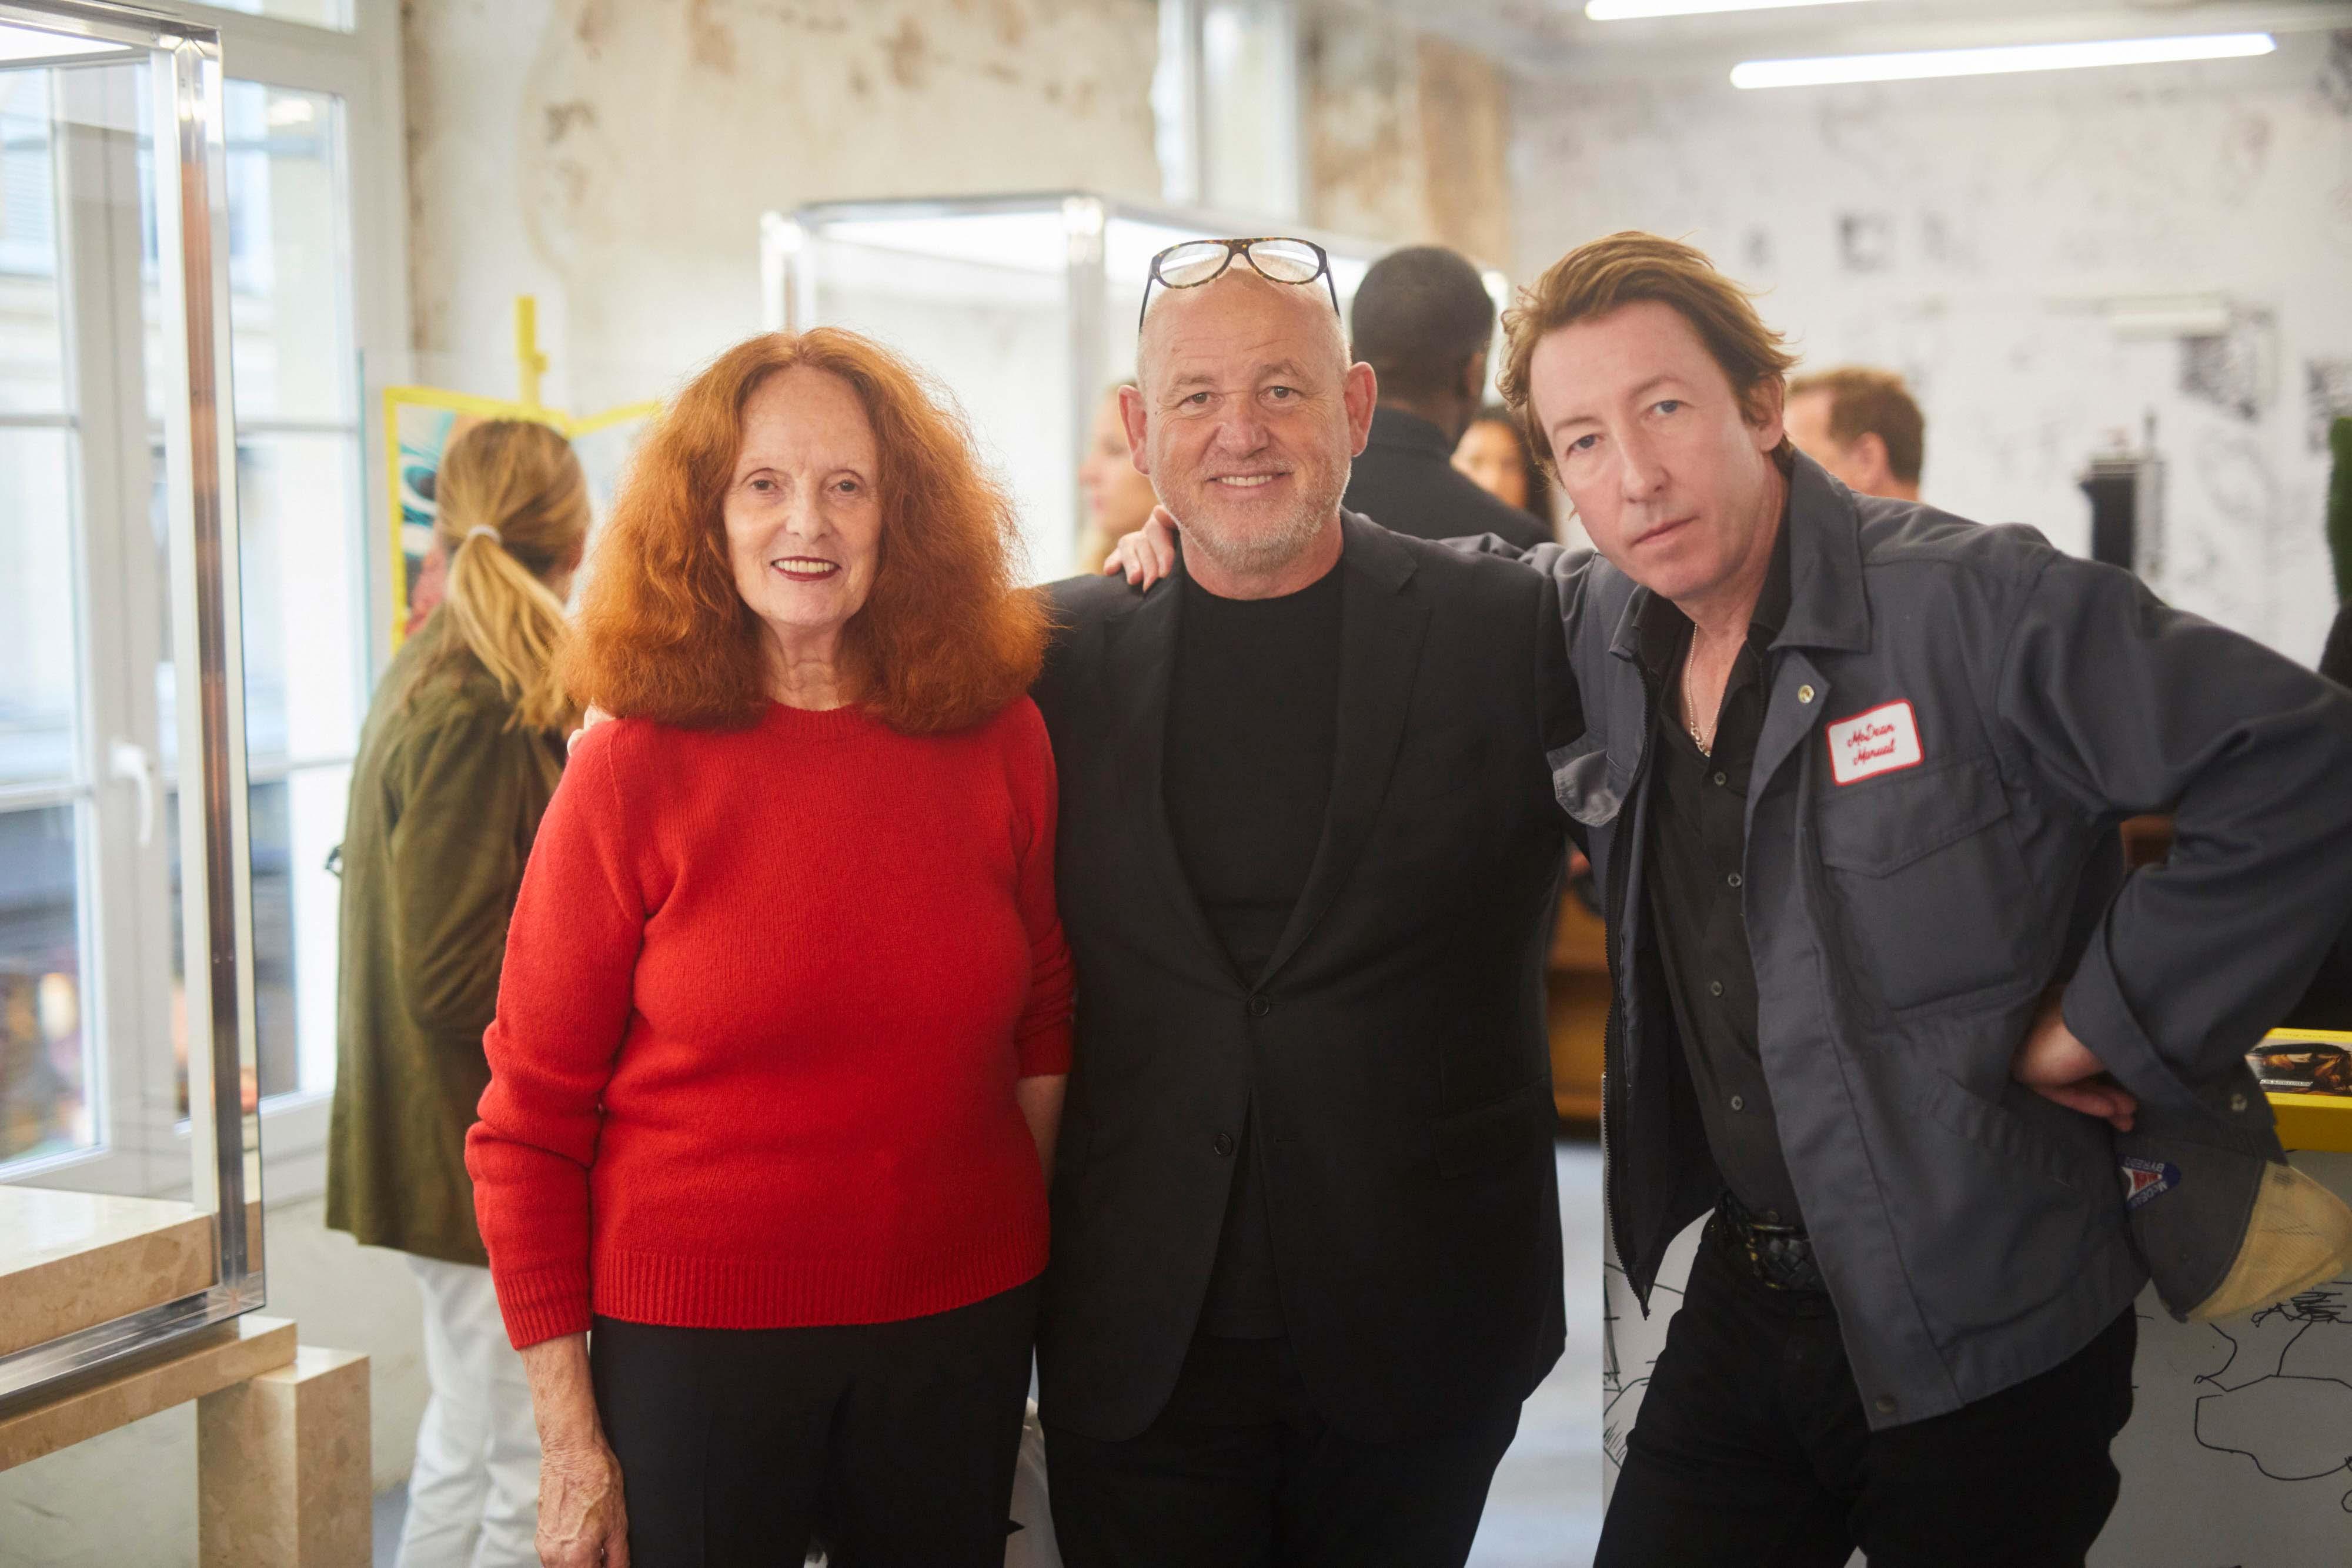 Grace Coddington, Fabien Baron et Craig McDean